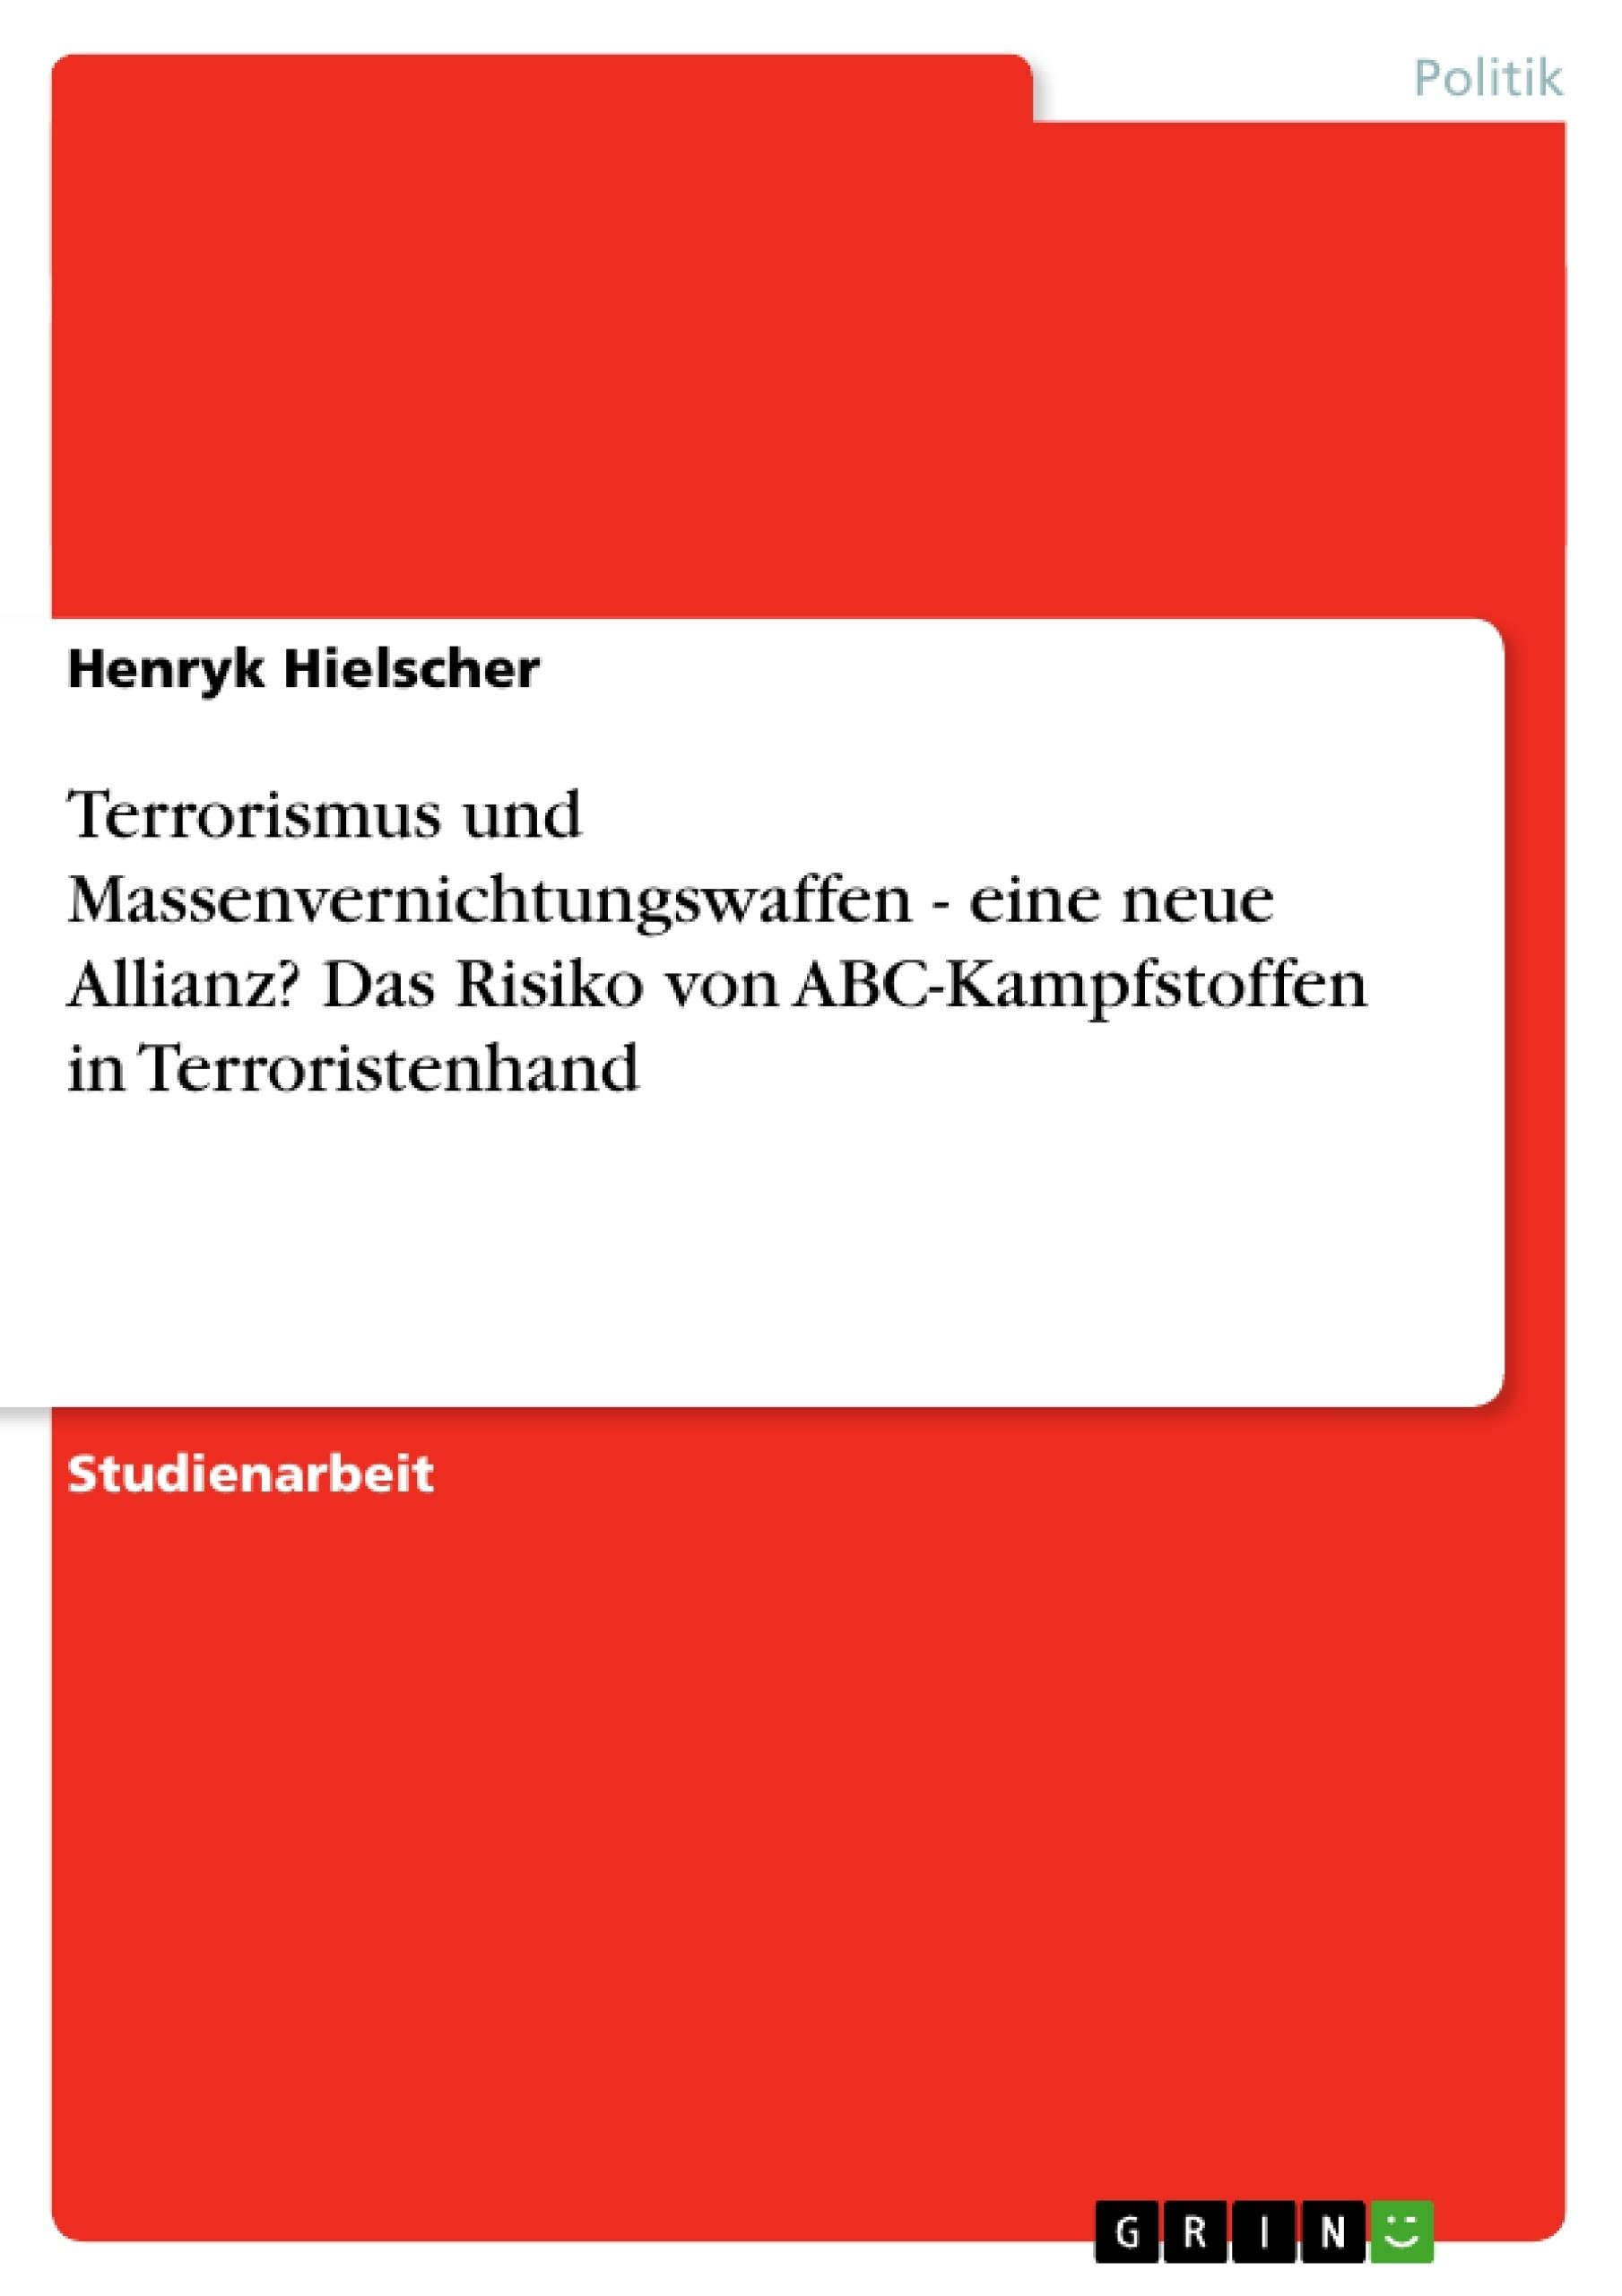 Titel: Terrorismus und Massenvernichtungswaffen - eine neue Allianz? Das Risiko von ABC-Kampfstoffen in Terroristenhand